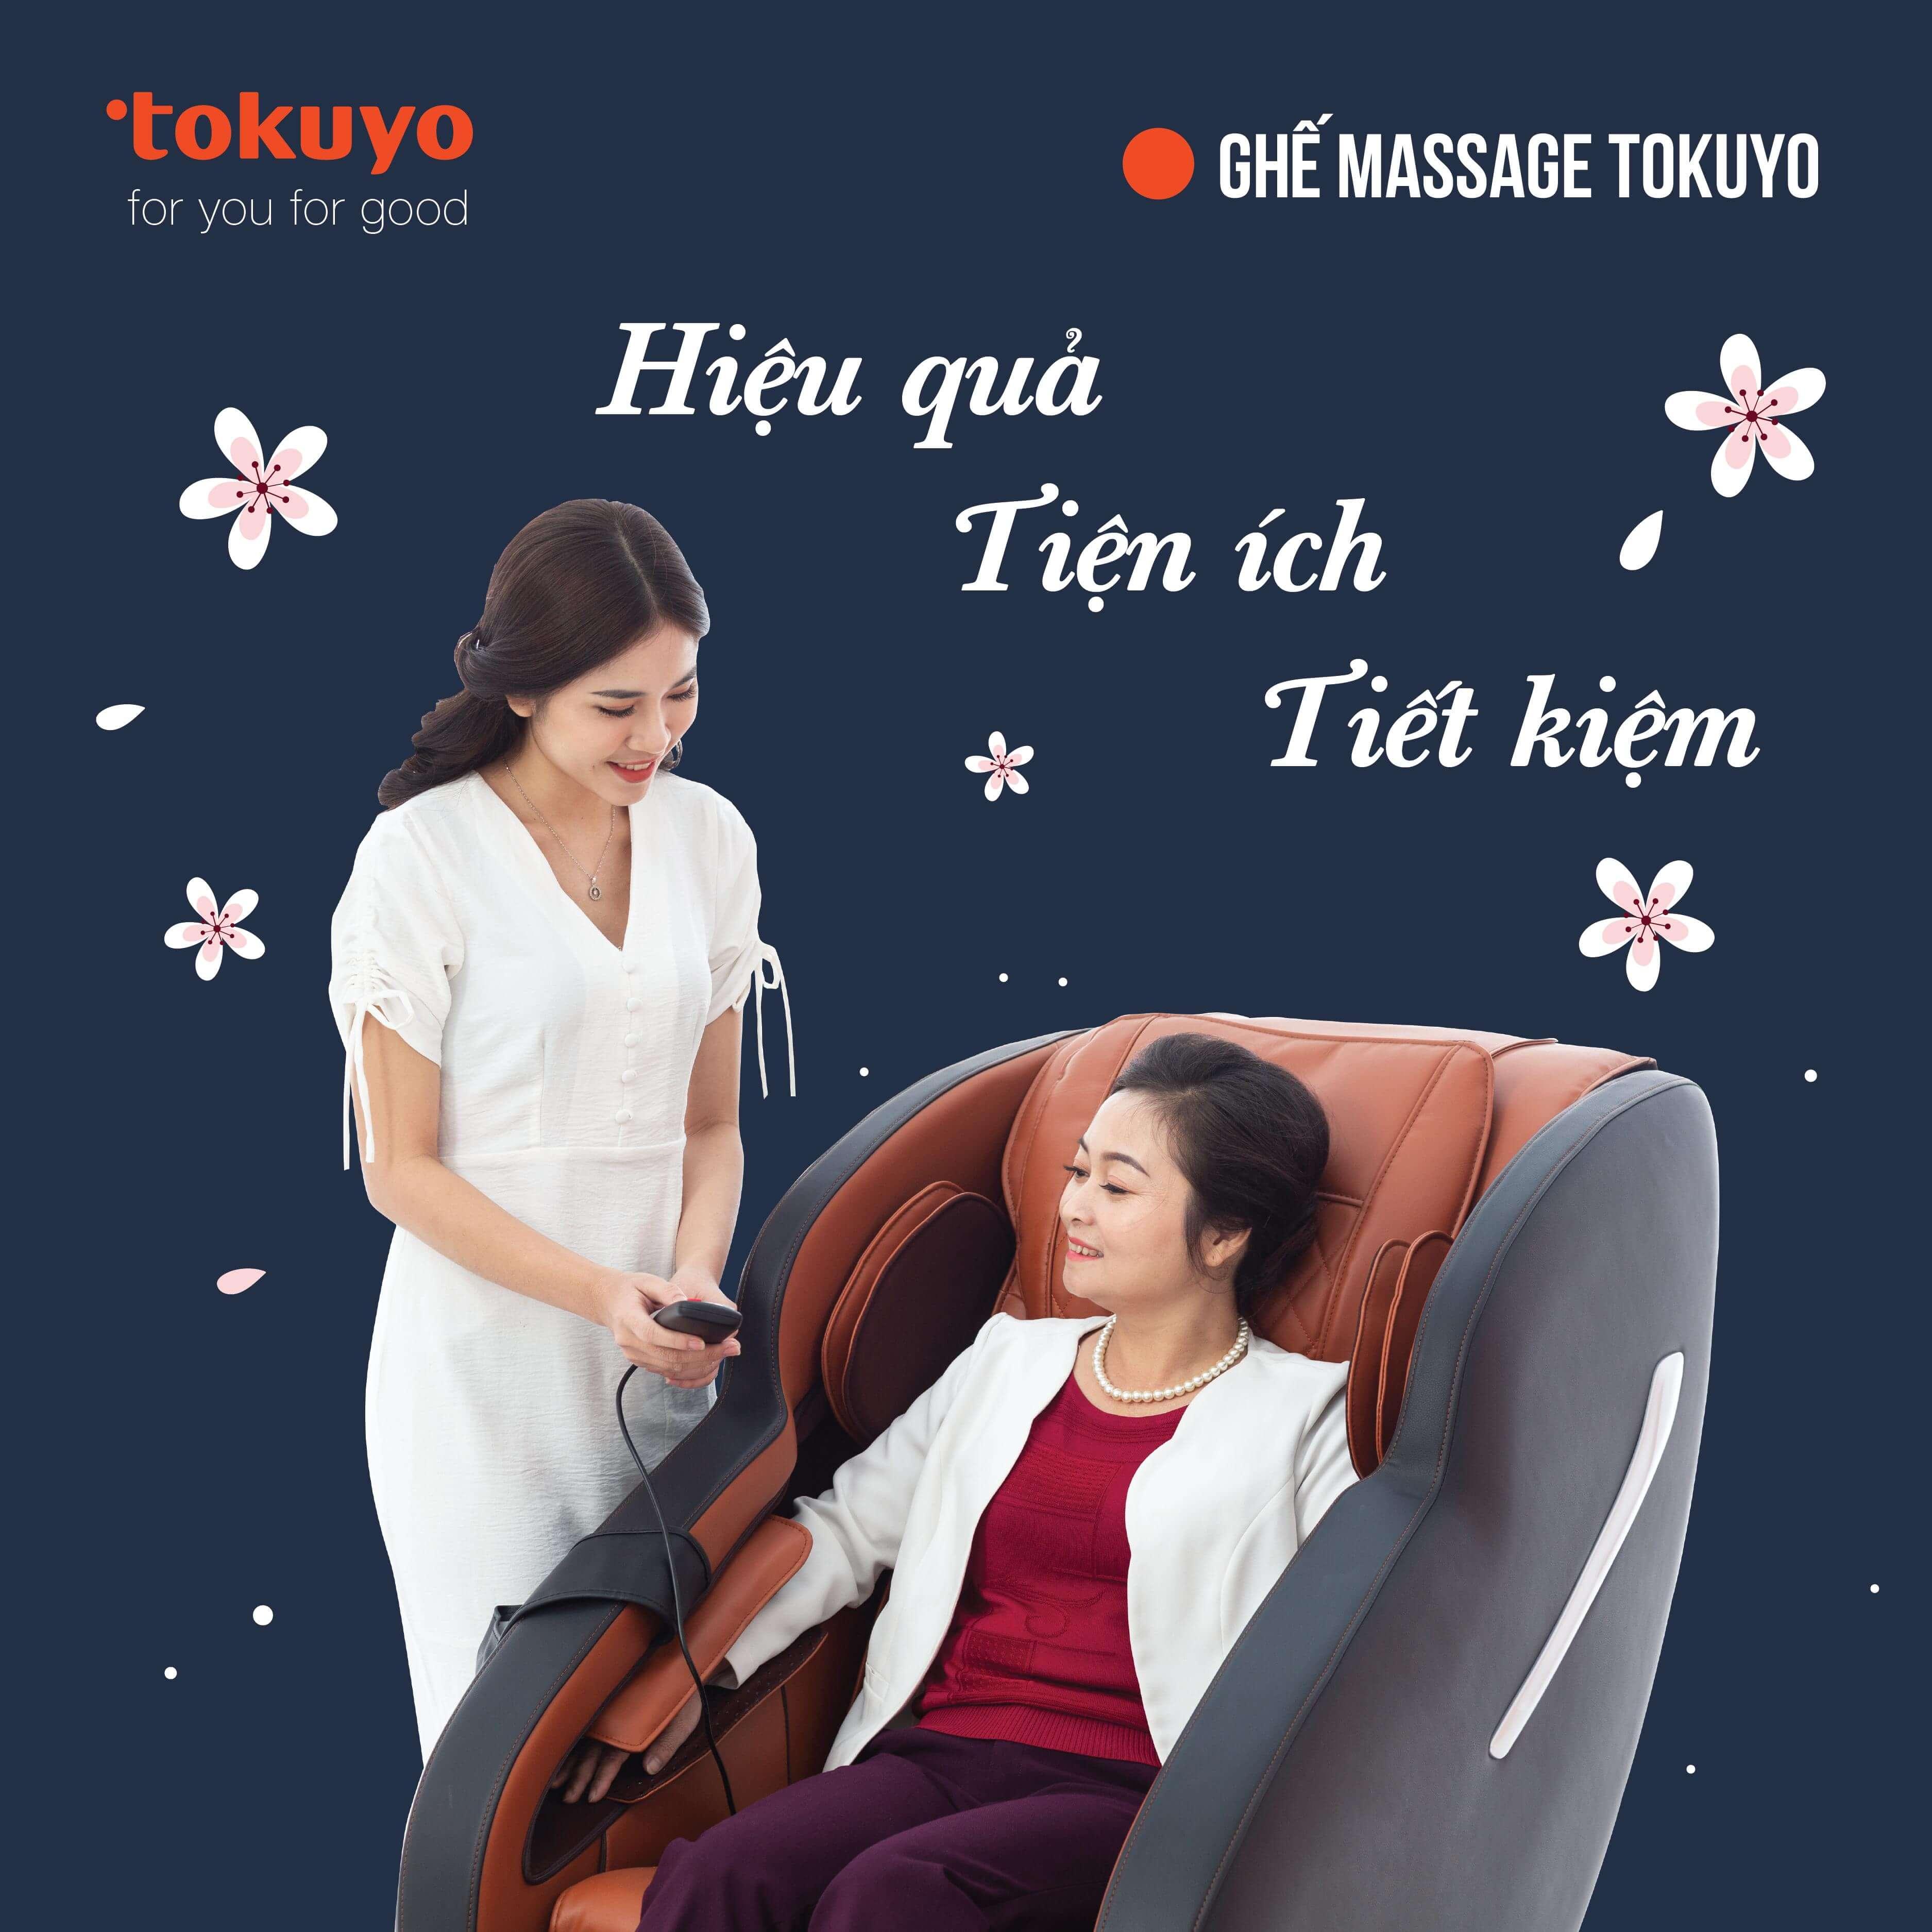 ghế massage hiệu quả